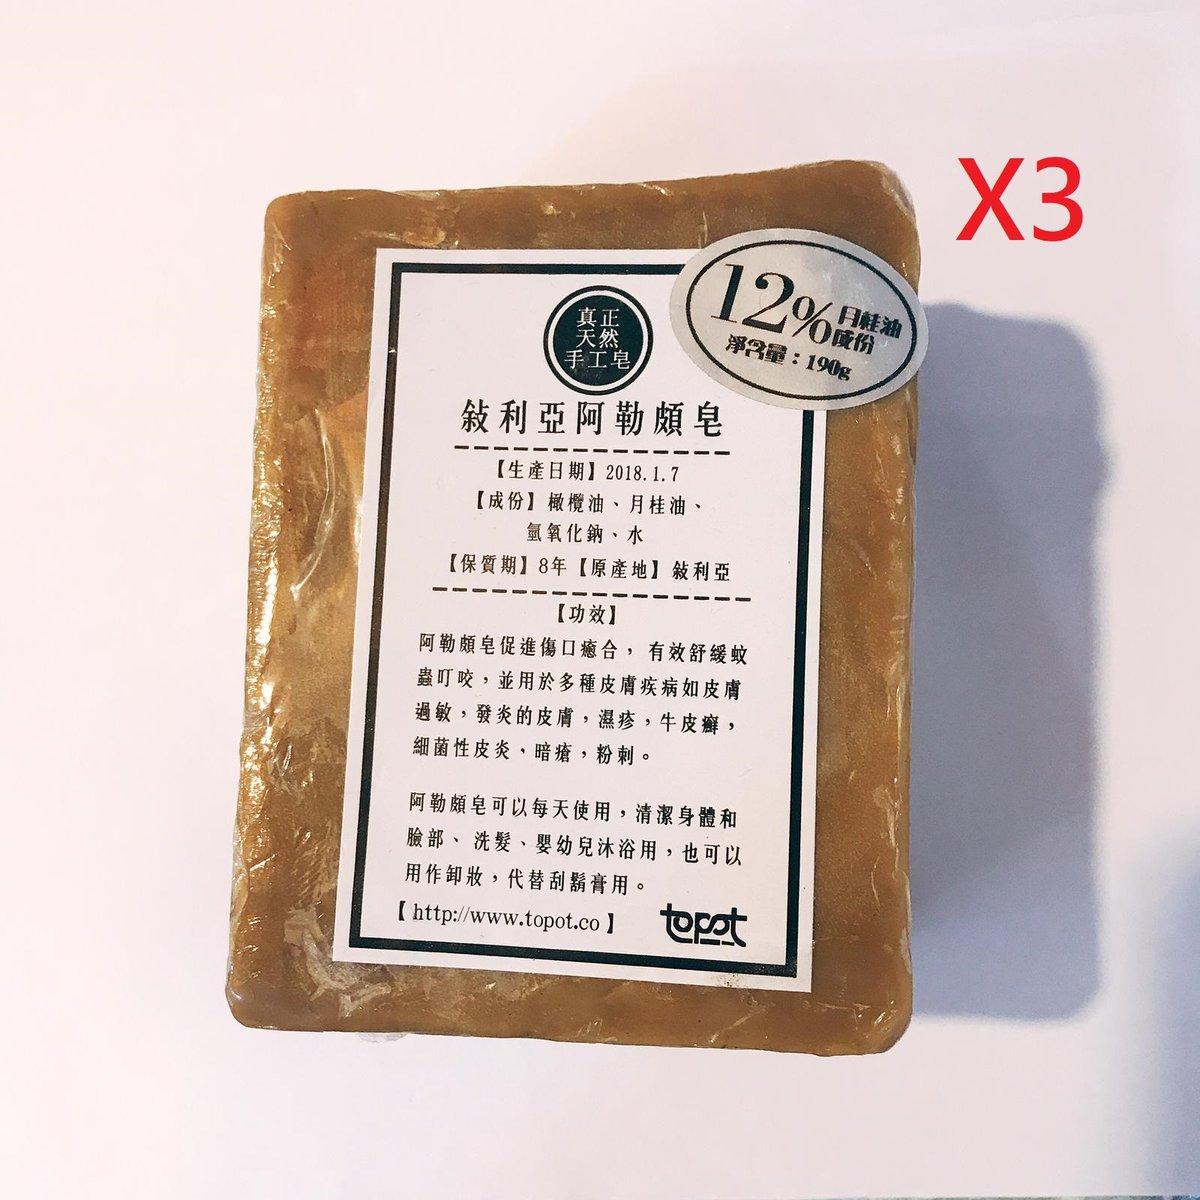 12%阿勒頗皂 去背部粒粒 x3個